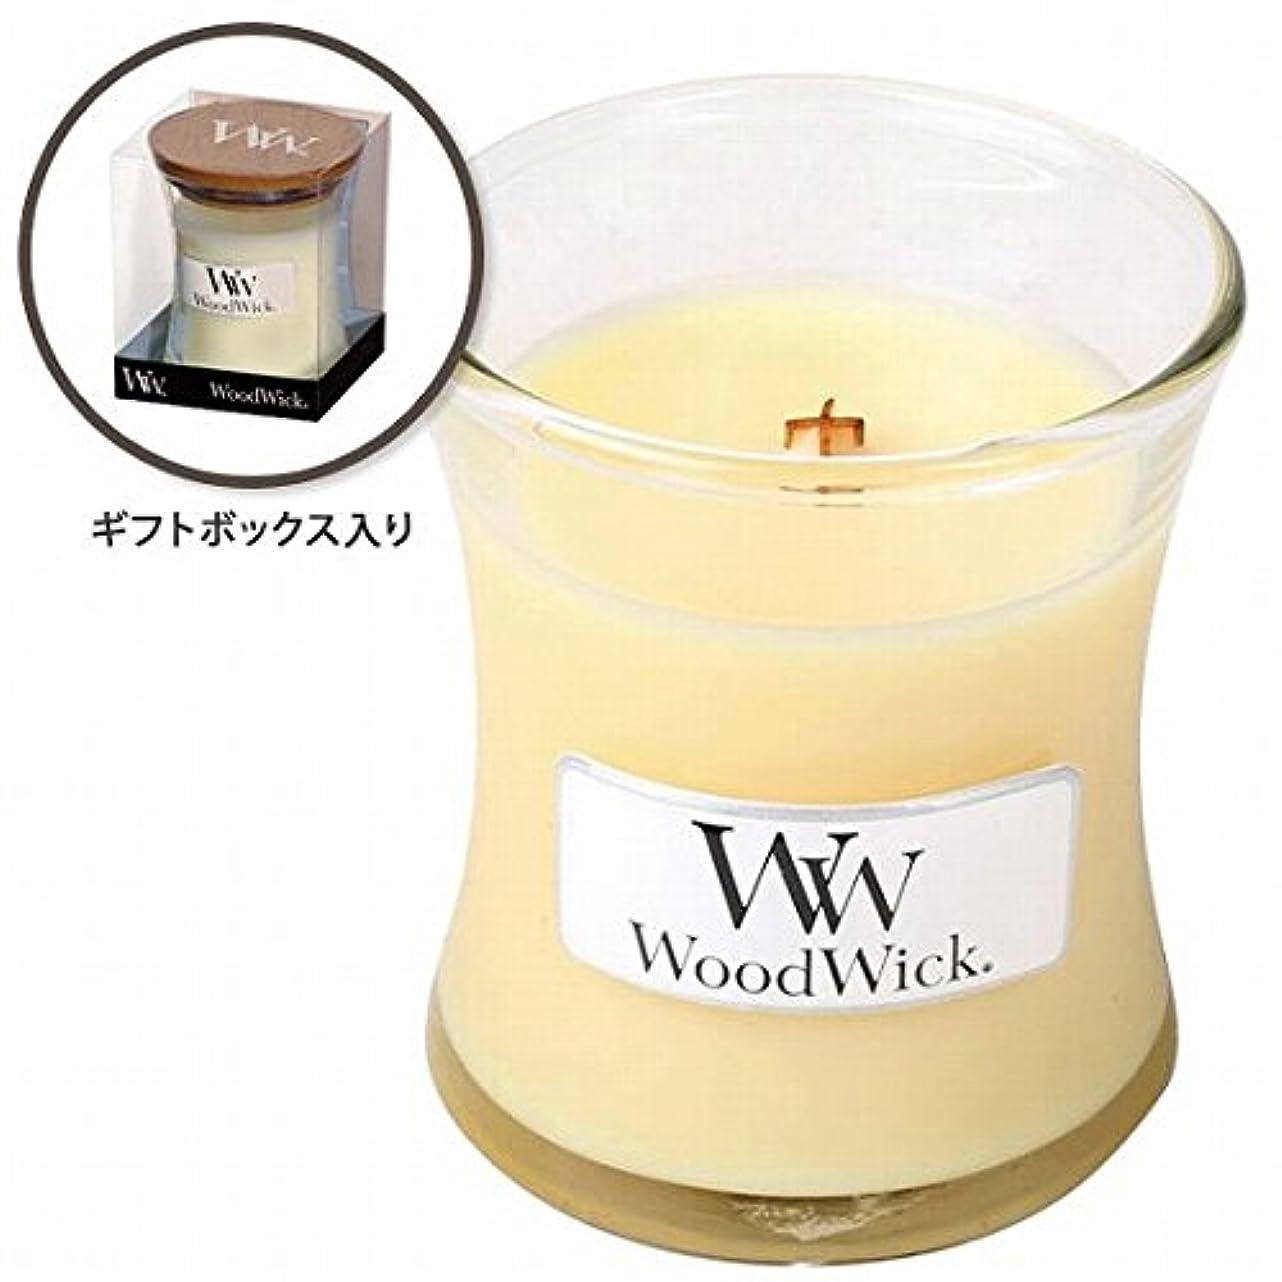 強化する七時半送ったウッドウィック( WoodWick ) Wood WickジャーS 「レモングラス&リリー」